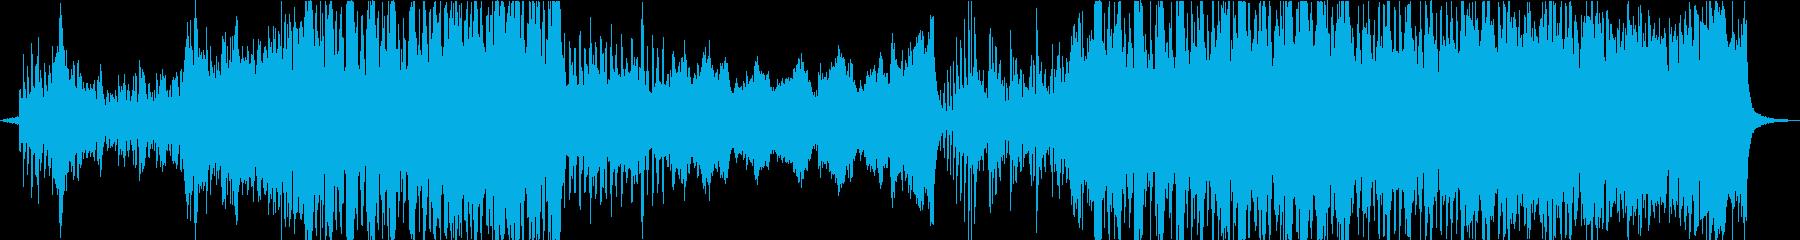 疾走感、スピード感が半端ないオーケストラの再生済みの波形